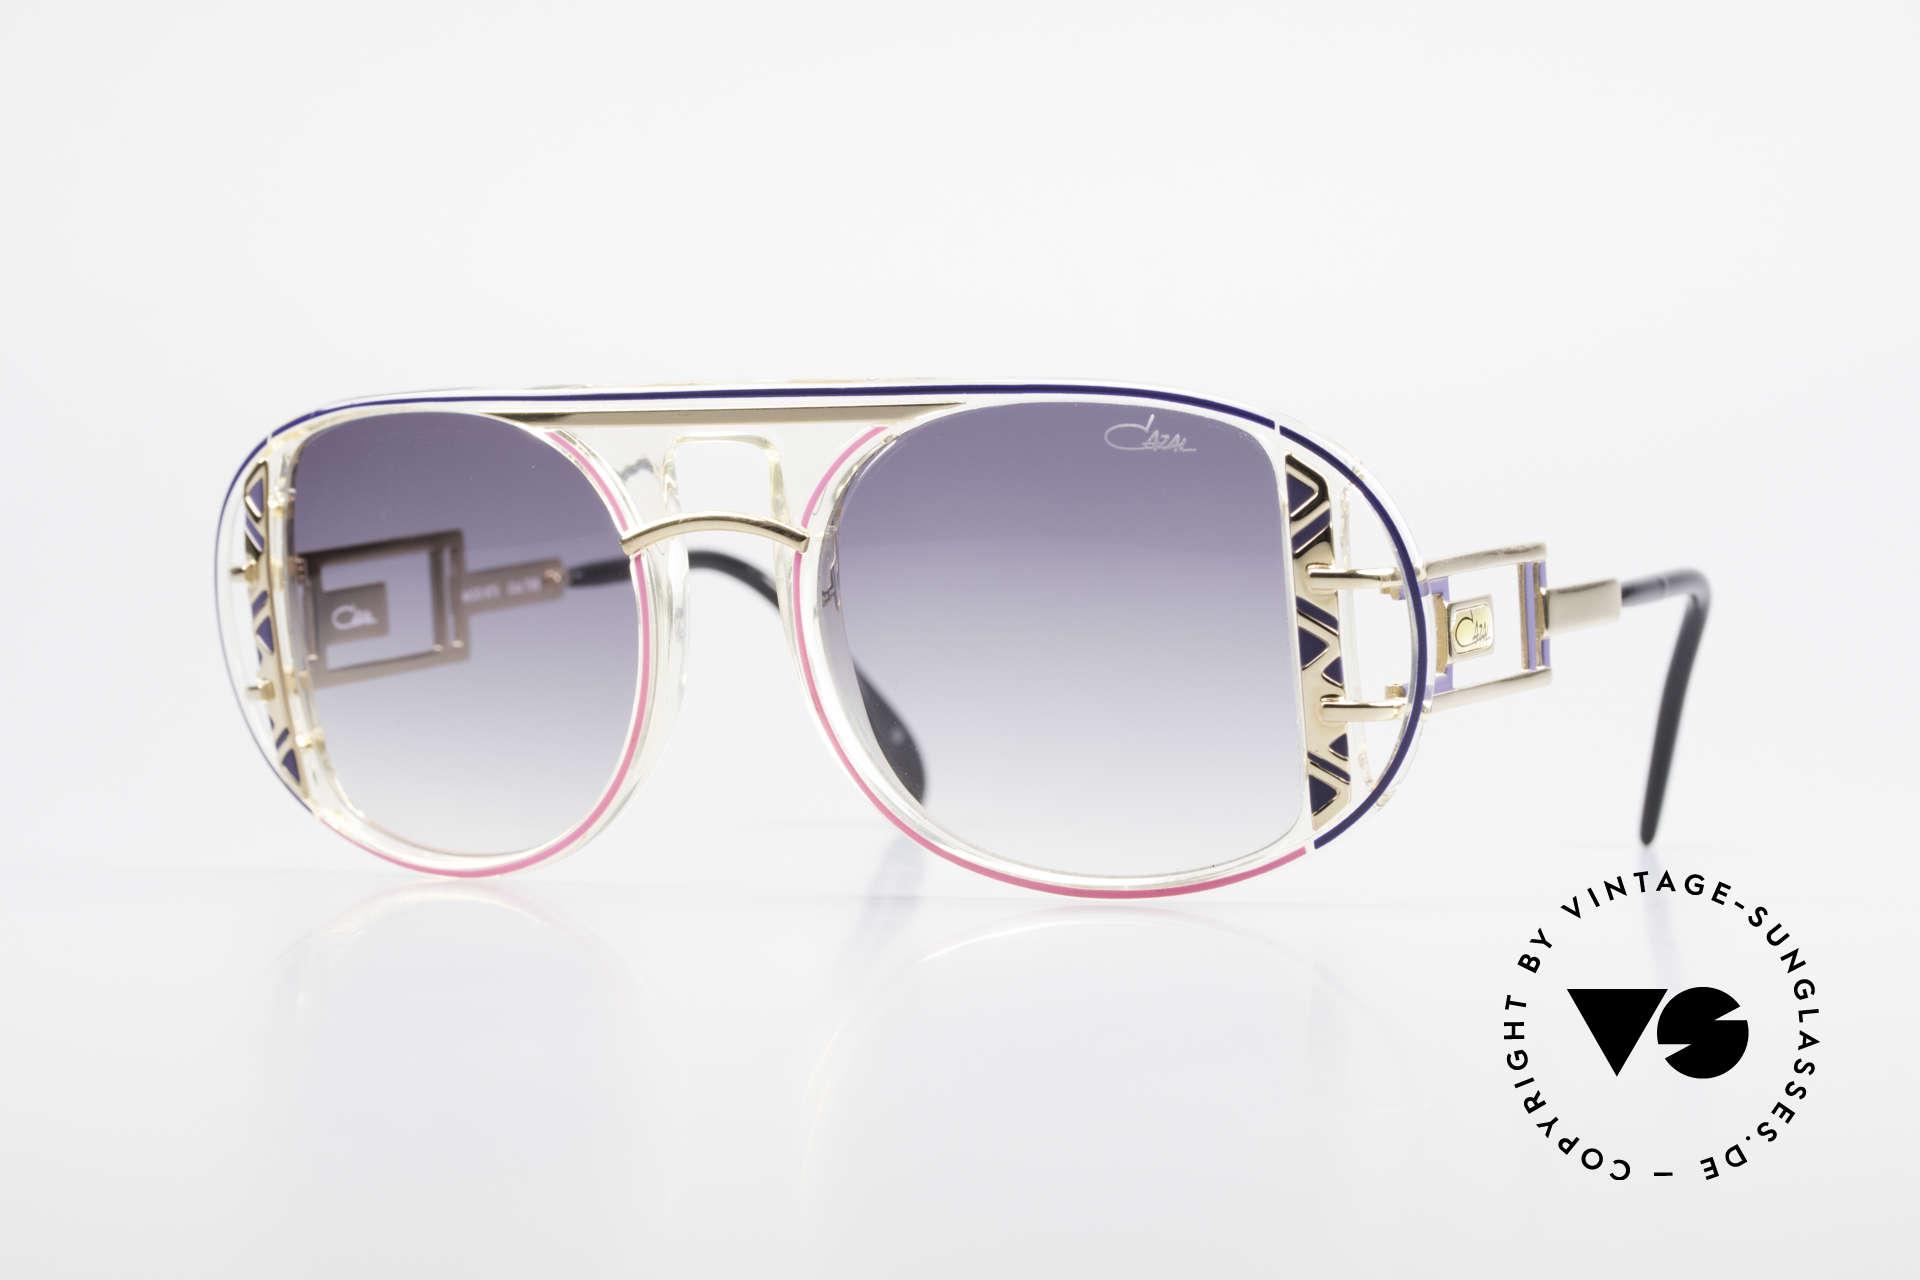 Cazal 875 Rare Designer Sonnenbrille, von Design-Papst - Cari Zalloni (CAZAL) entworfen, Passend für Herren und Damen